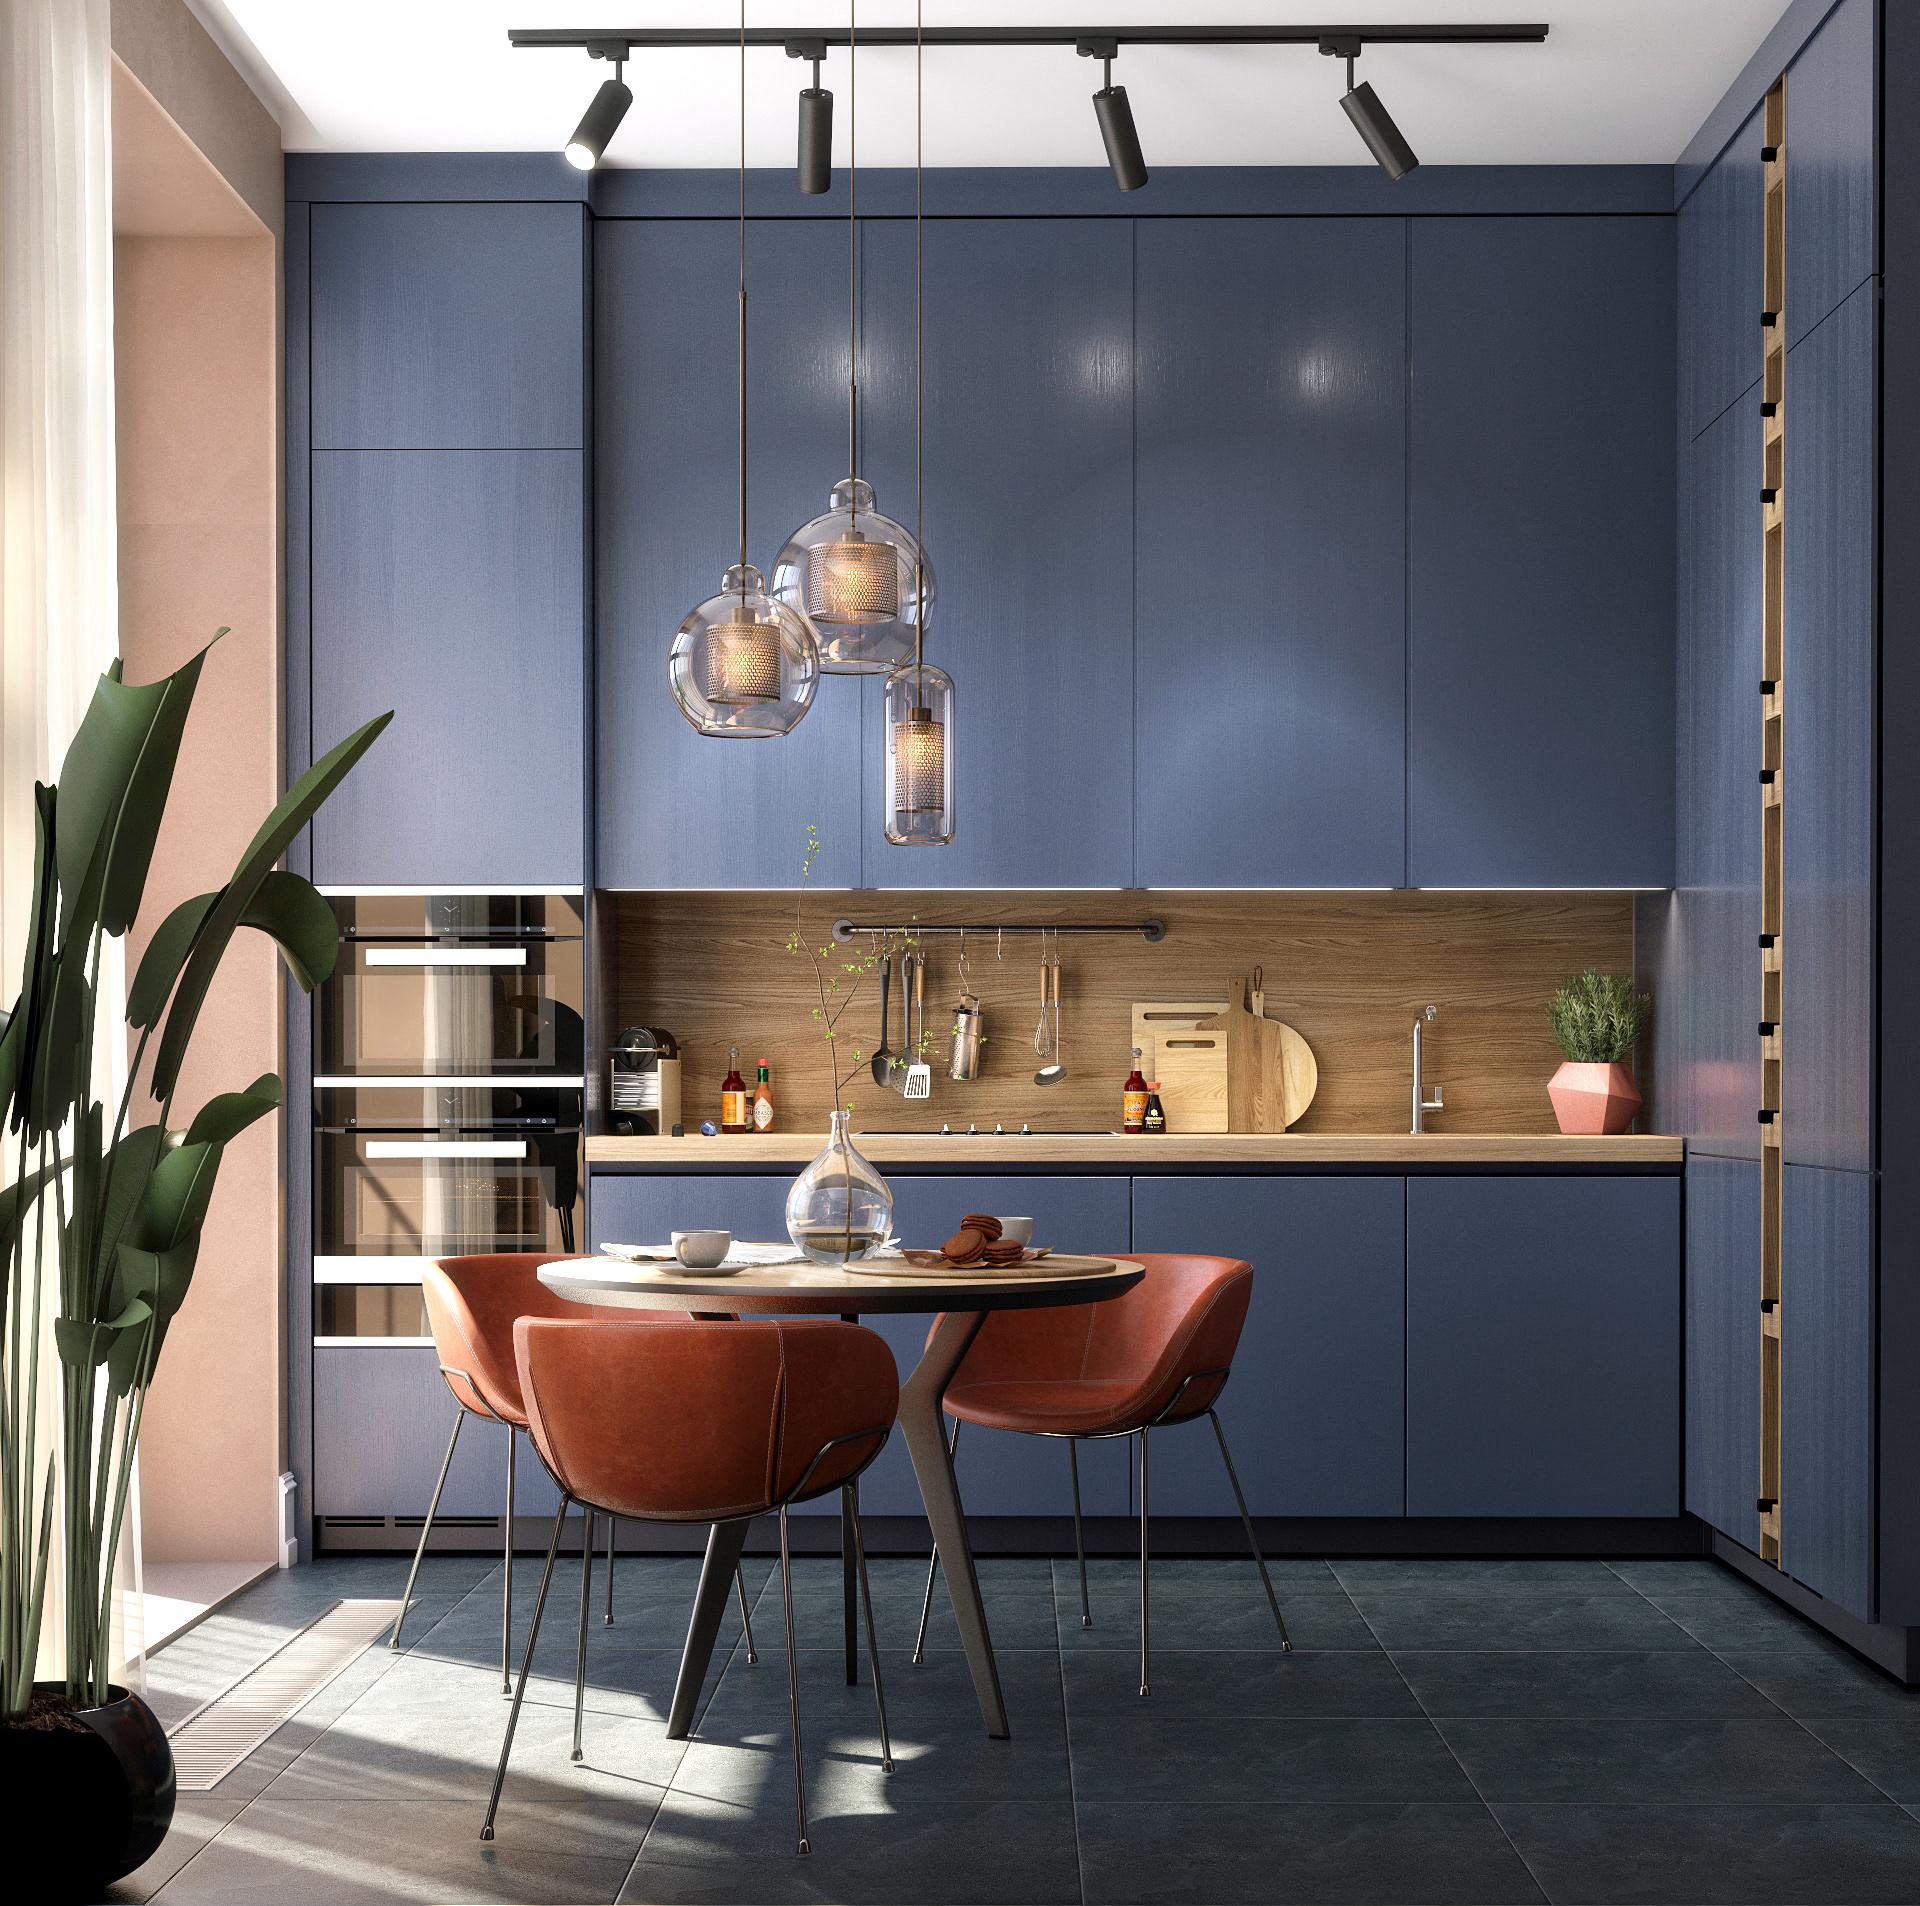 Tủ bếp nổi bật với tông màu xanh navy